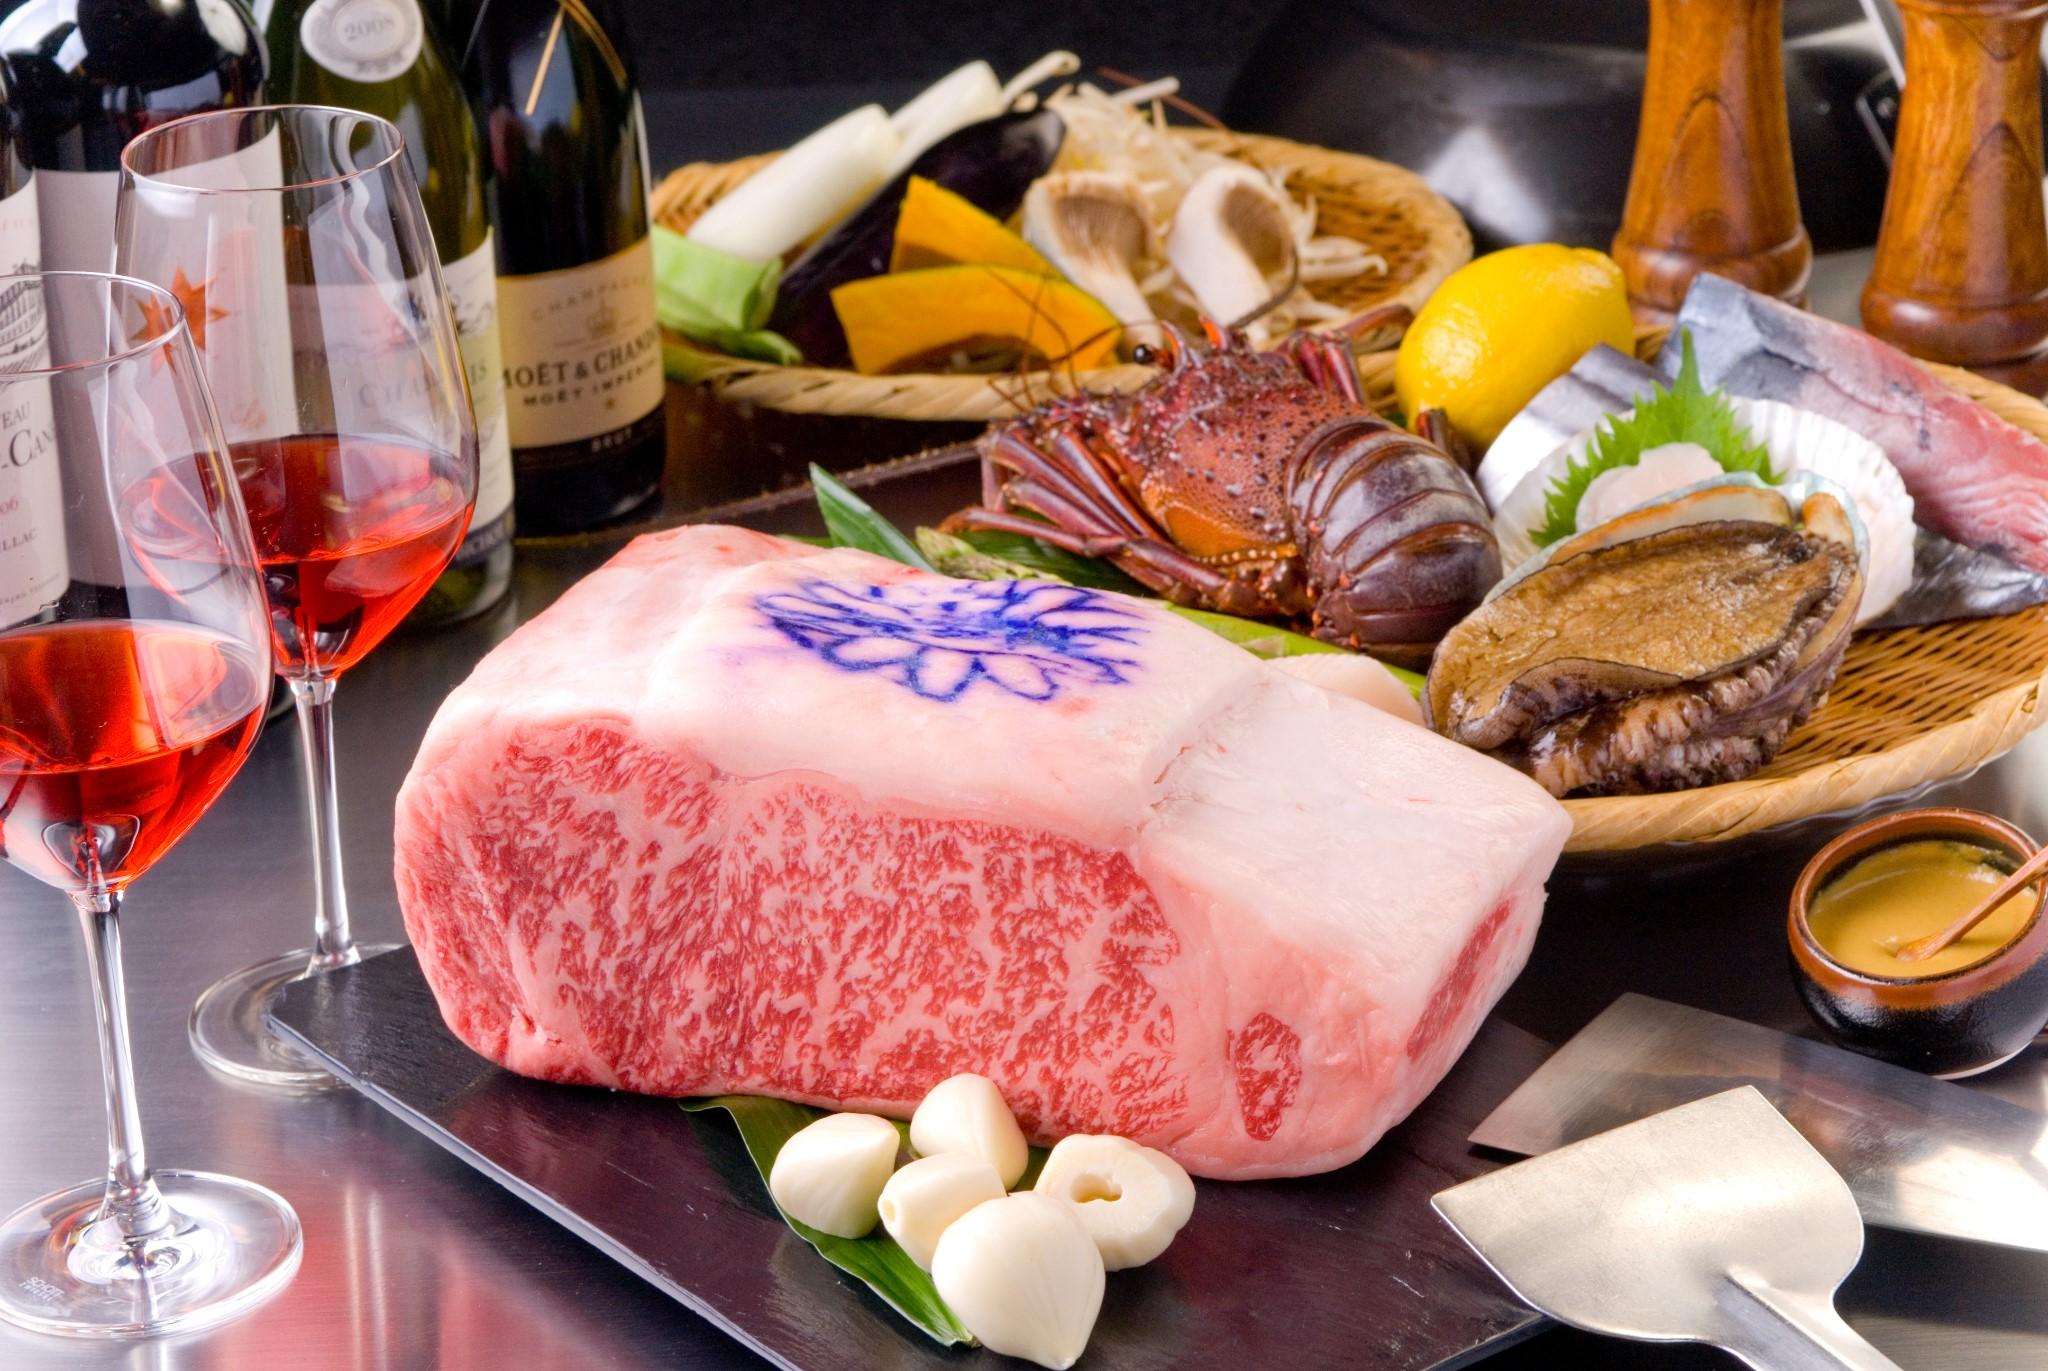 去日本古都的京都,吃元祖 铁板烧牛排 Misono!_游记